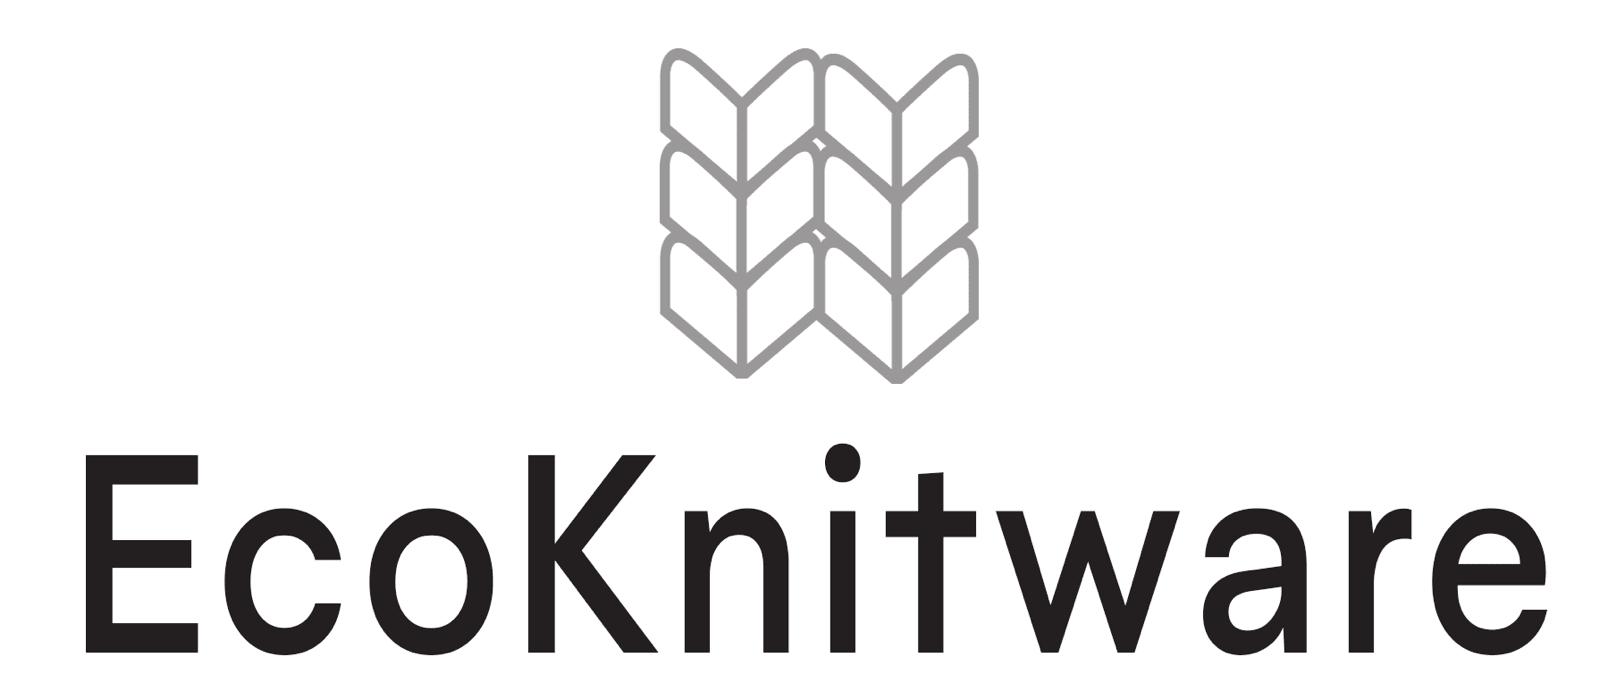 EcoKnitware Logo